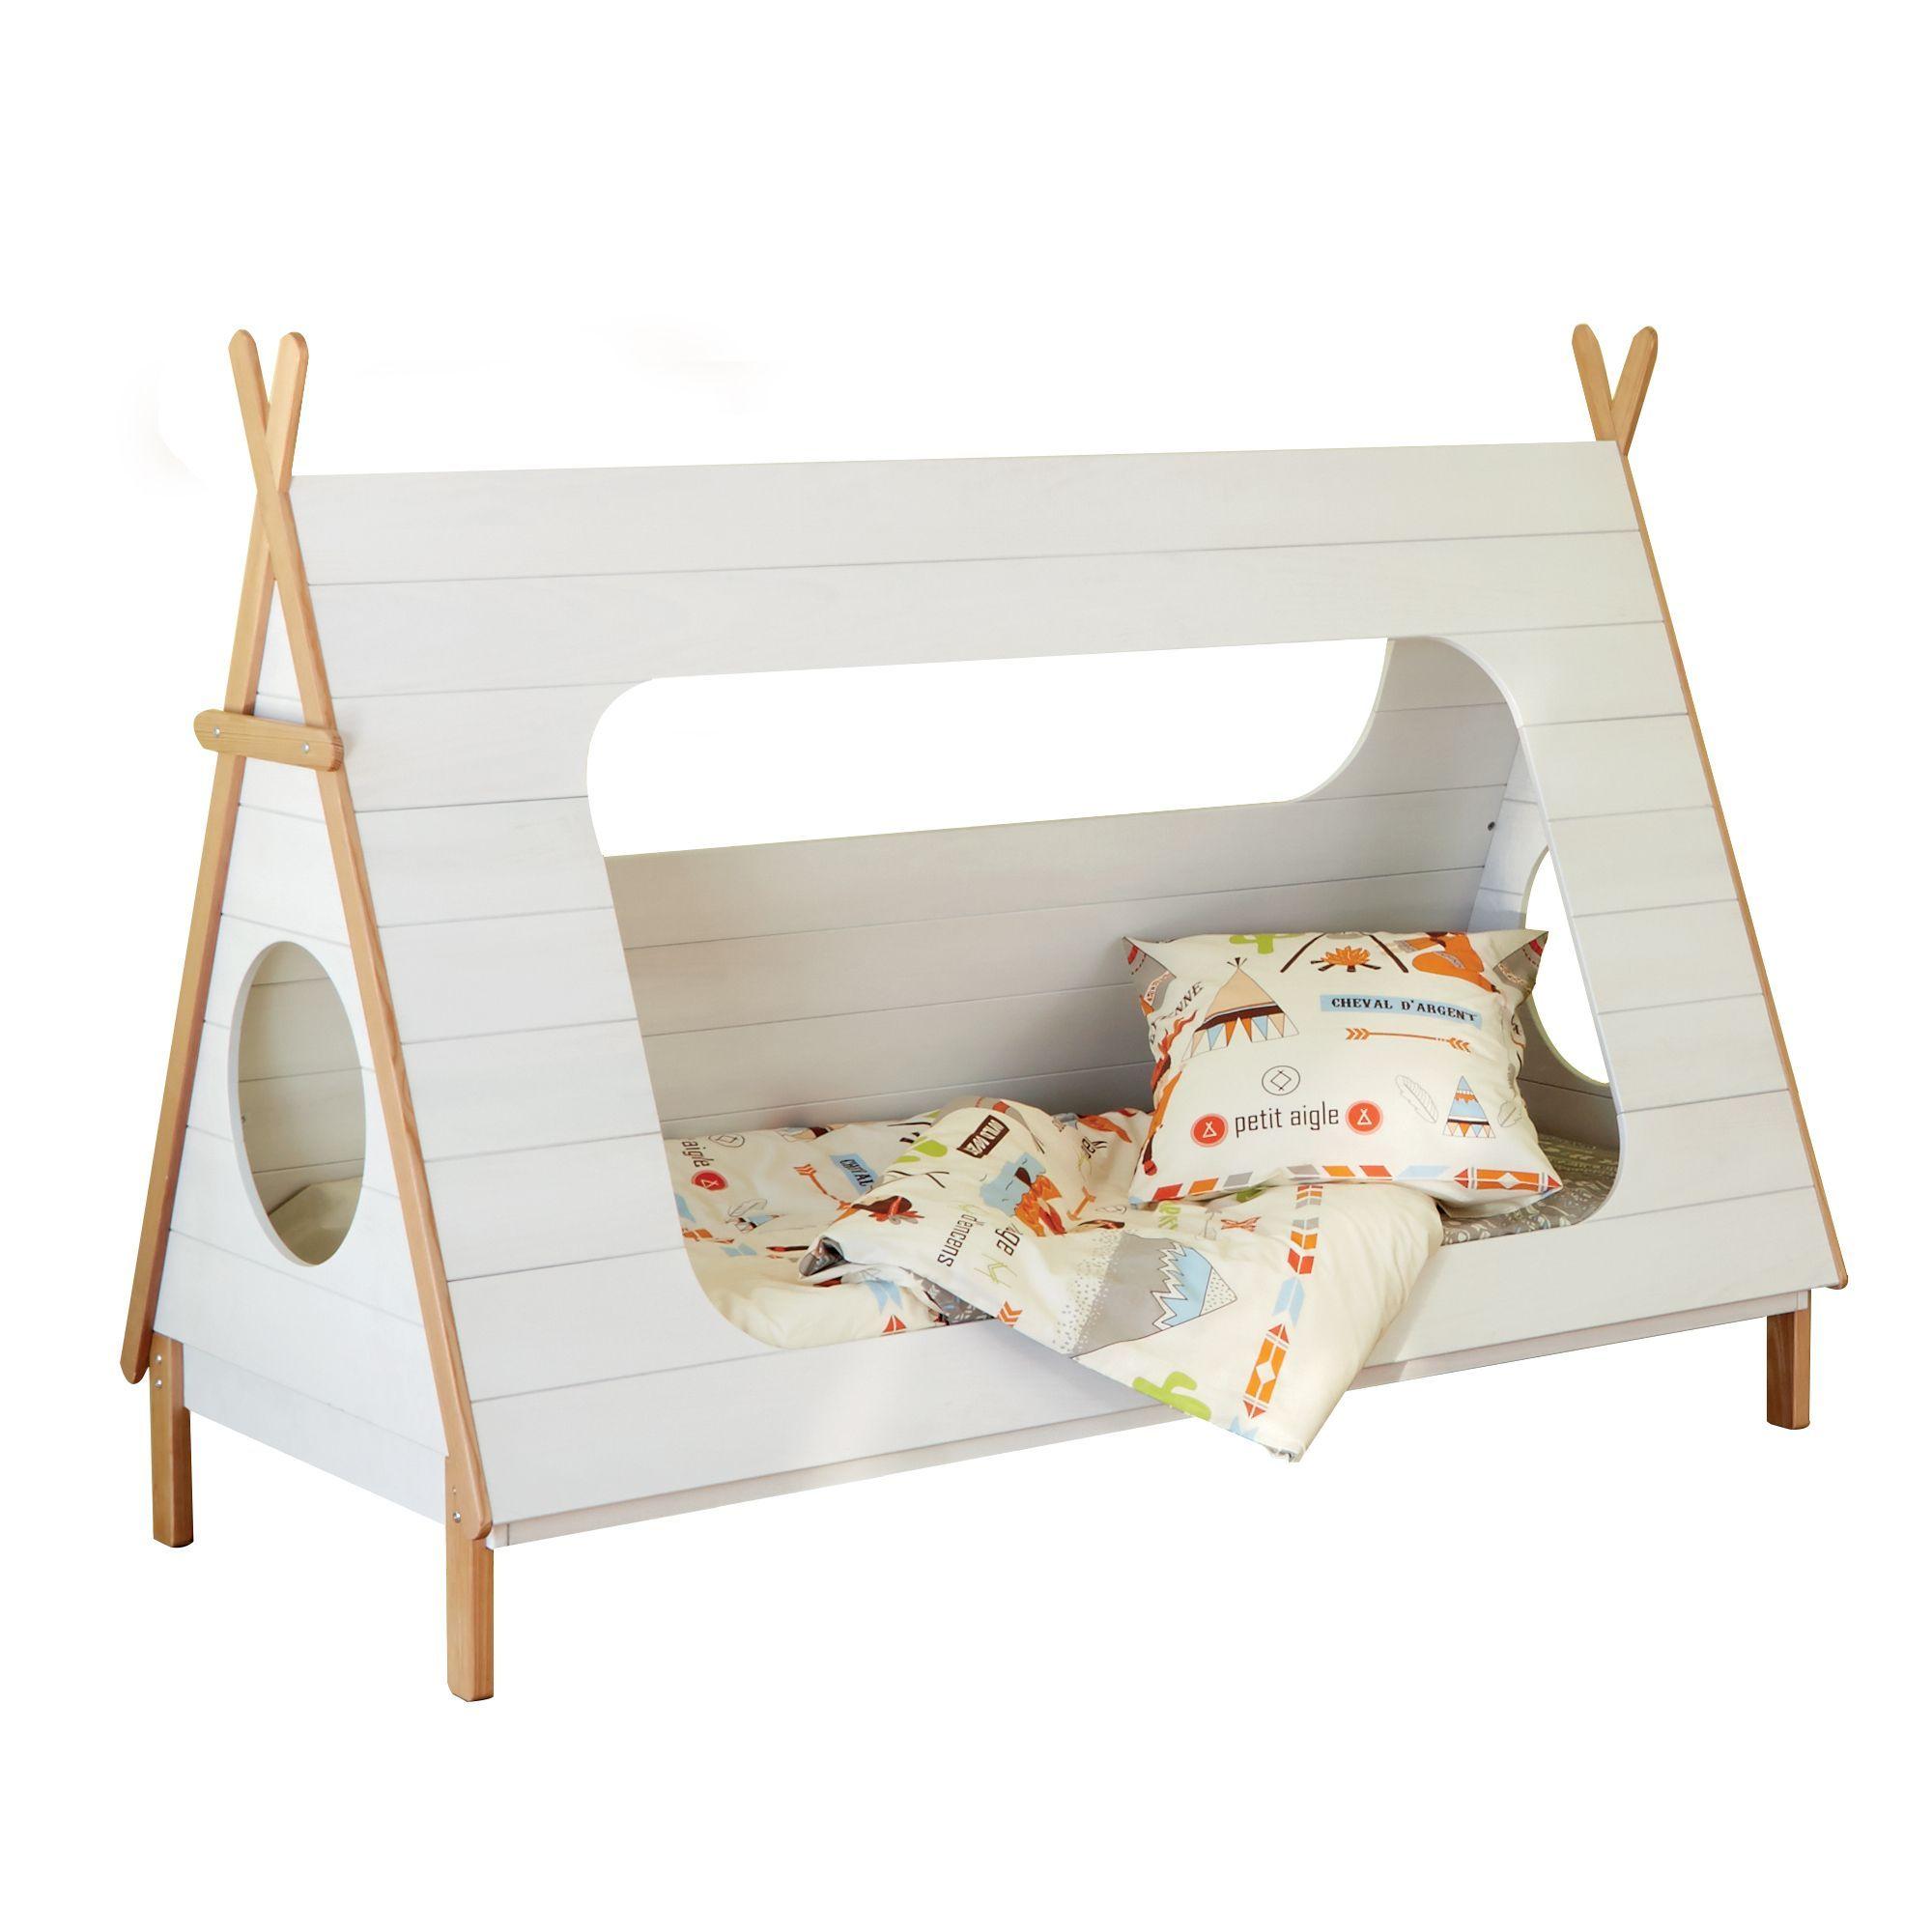 les 25 meilleures id es de la cat gorie lit superpos pas cher sur pinterest lit enfant pas. Black Bedroom Furniture Sets. Home Design Ideas